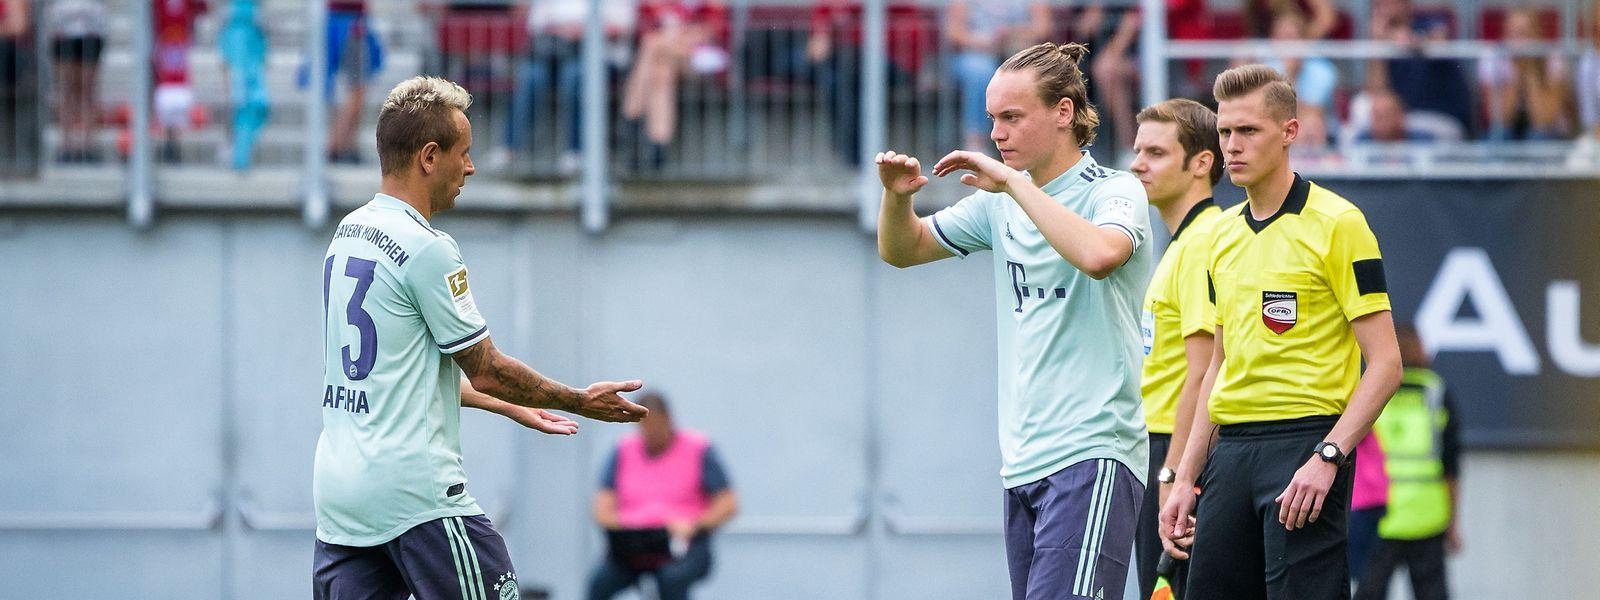 Gegen Paris SG feierte Ryan Johansson sein Debüt bei den Profis. Er wurde für Rafinha (l.) eingewechselt.